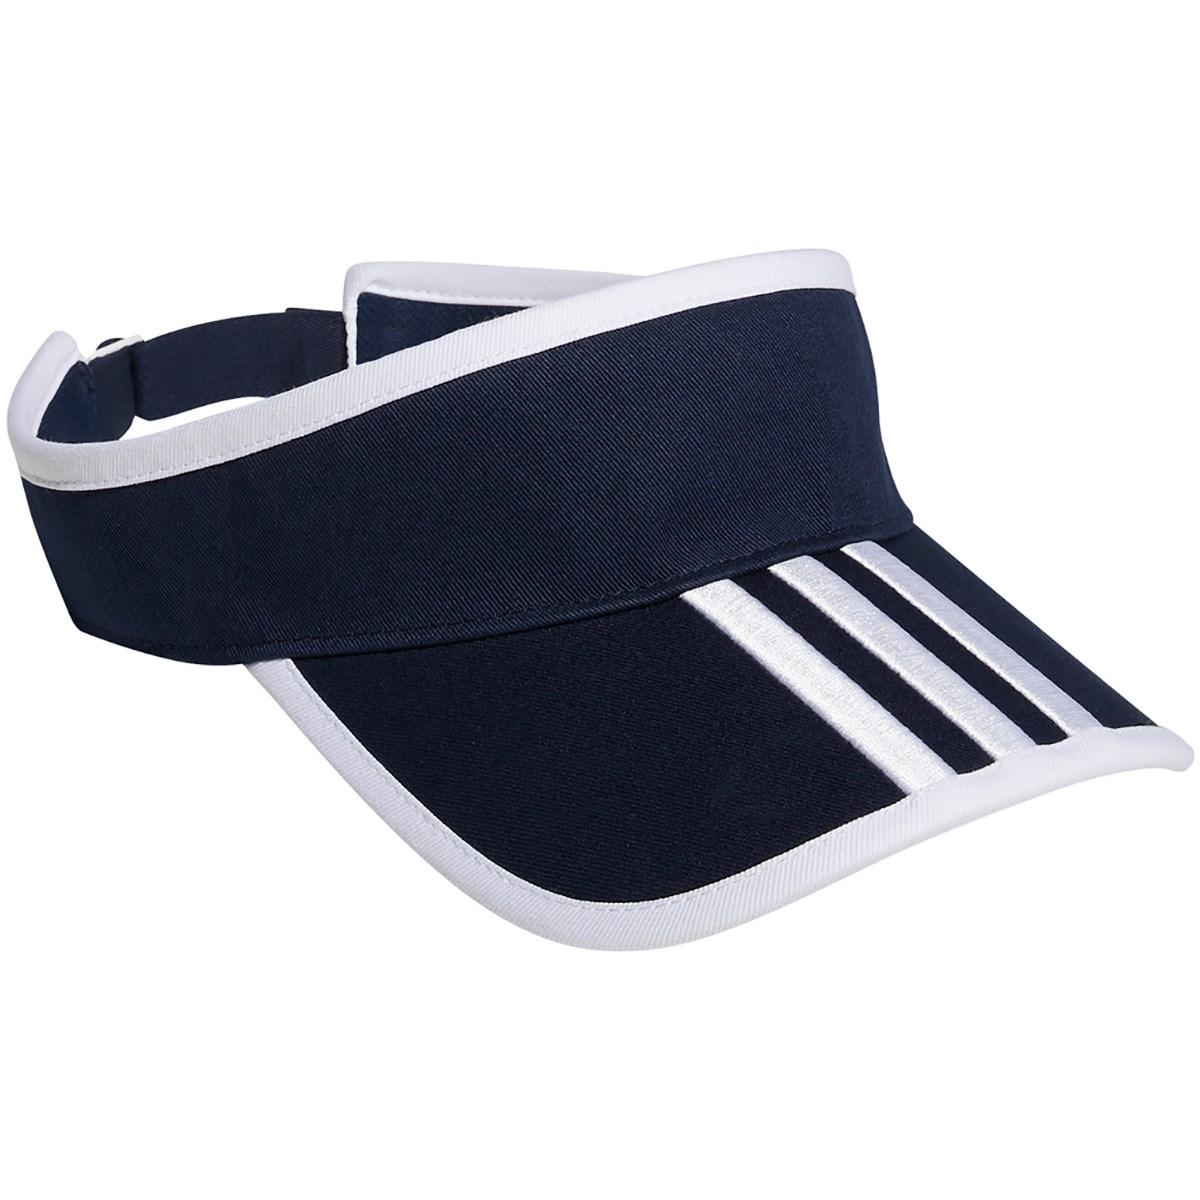 アディダス Adidas スリーストライプツイルサンバイザー フリー カレッジネイビー レディス